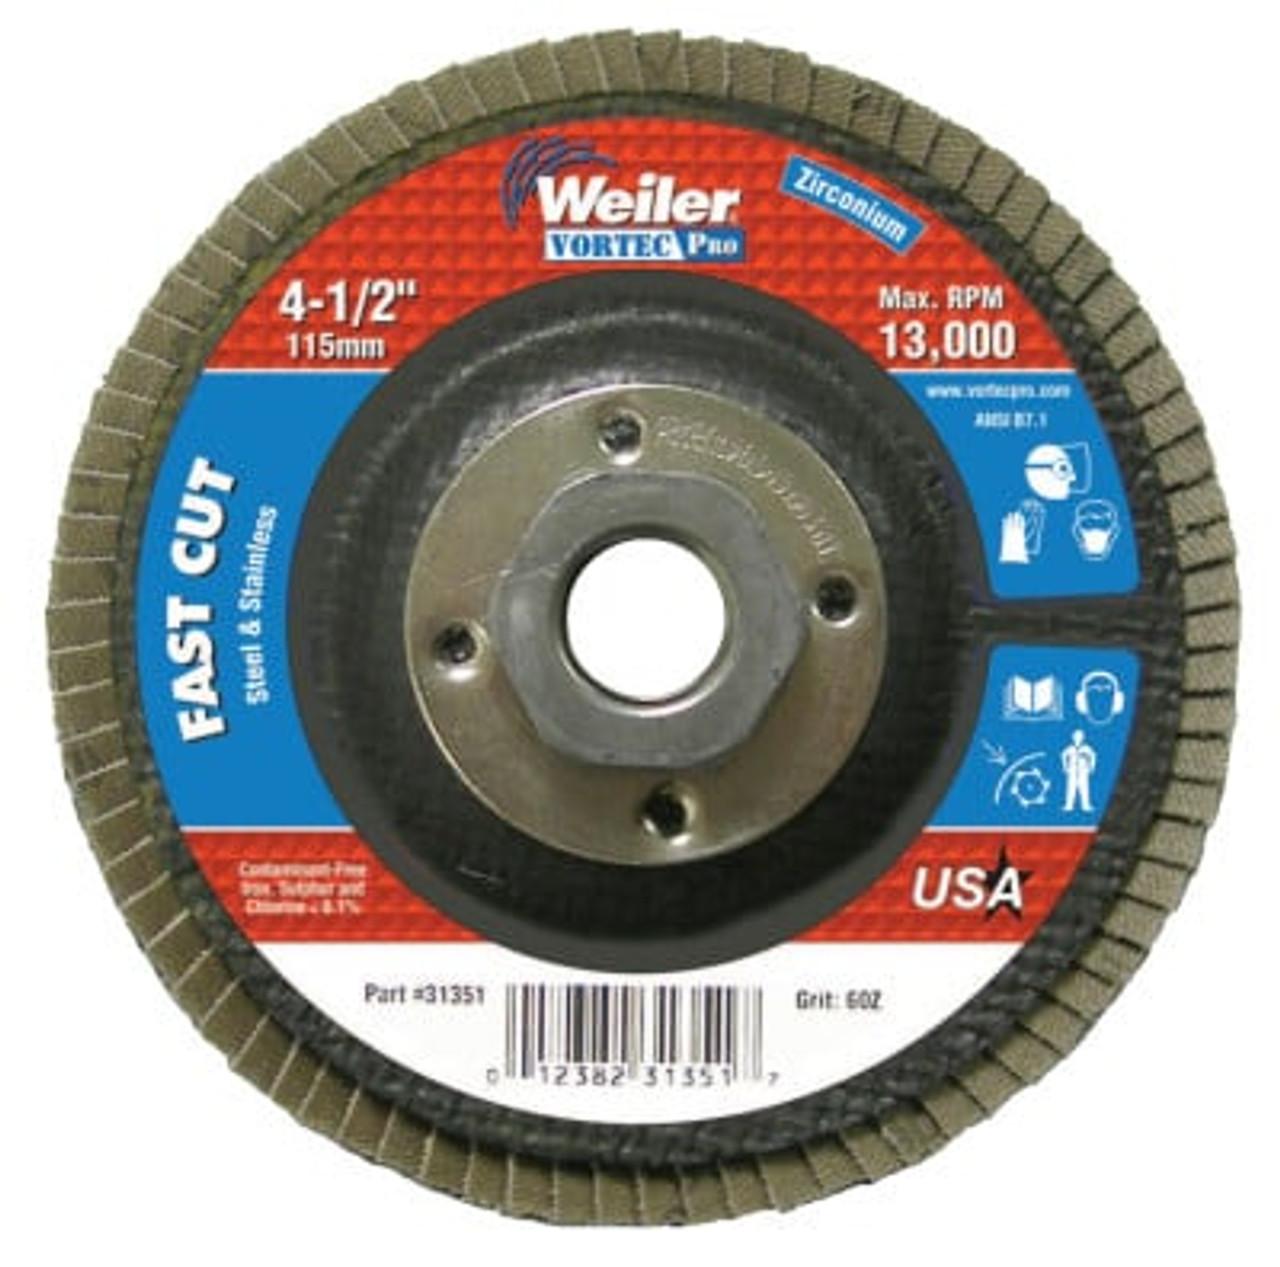 Vortec Pro Abrasive Flap Discs,4 5